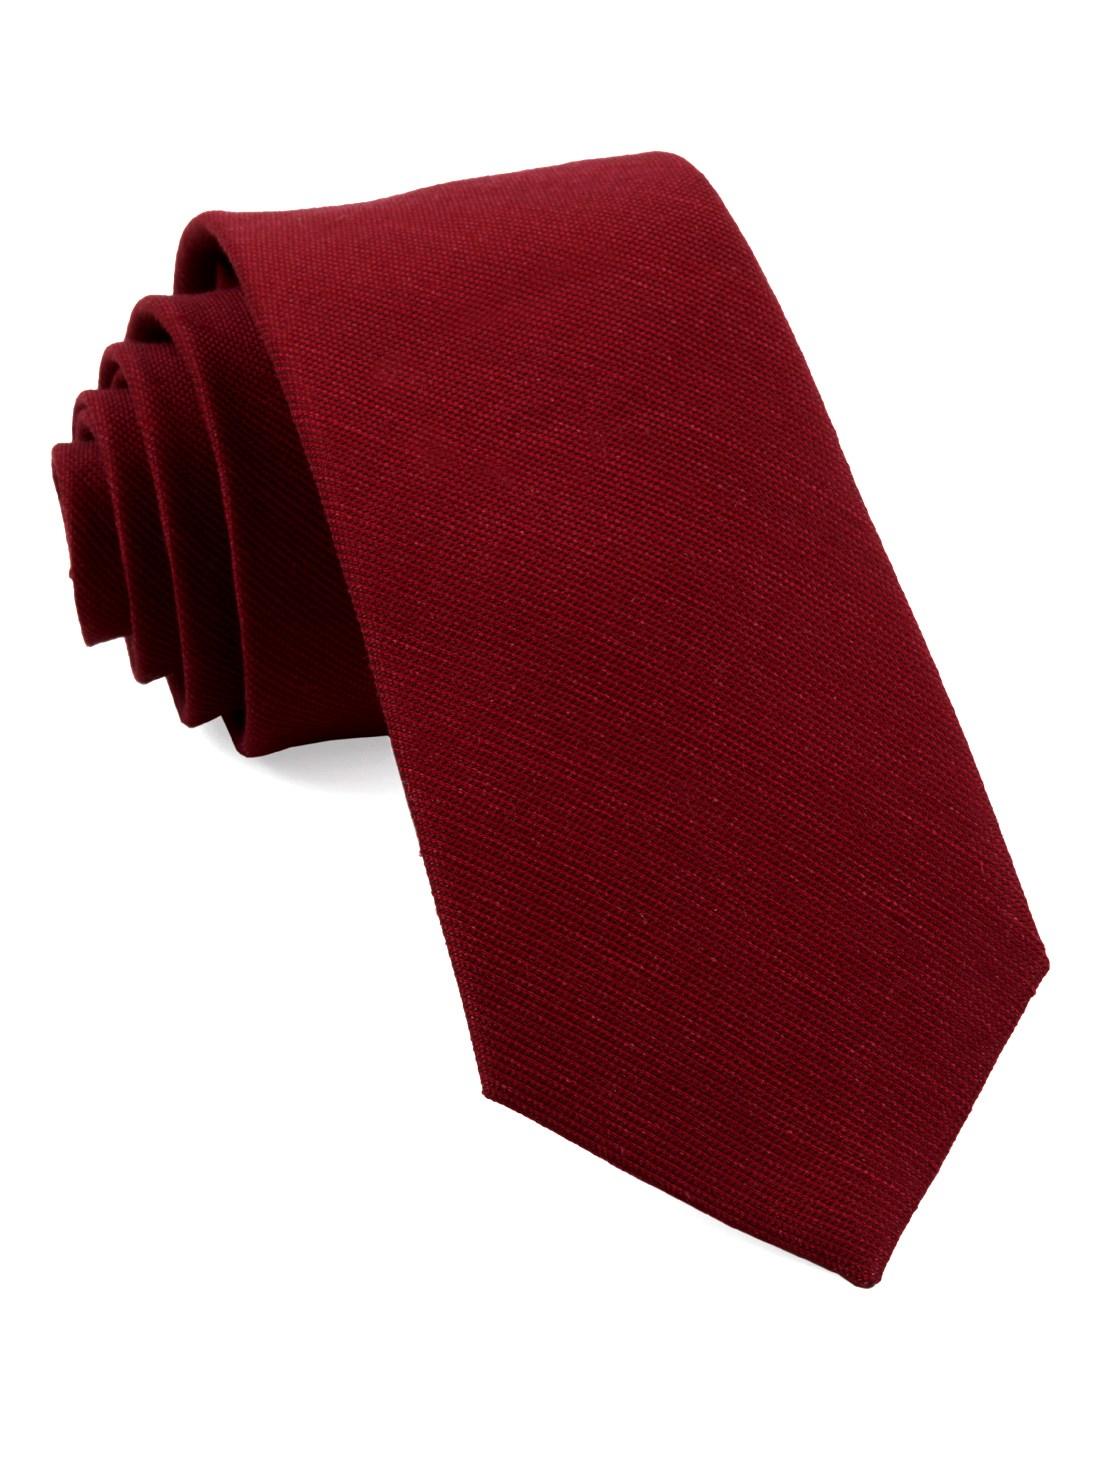 Solid color tie